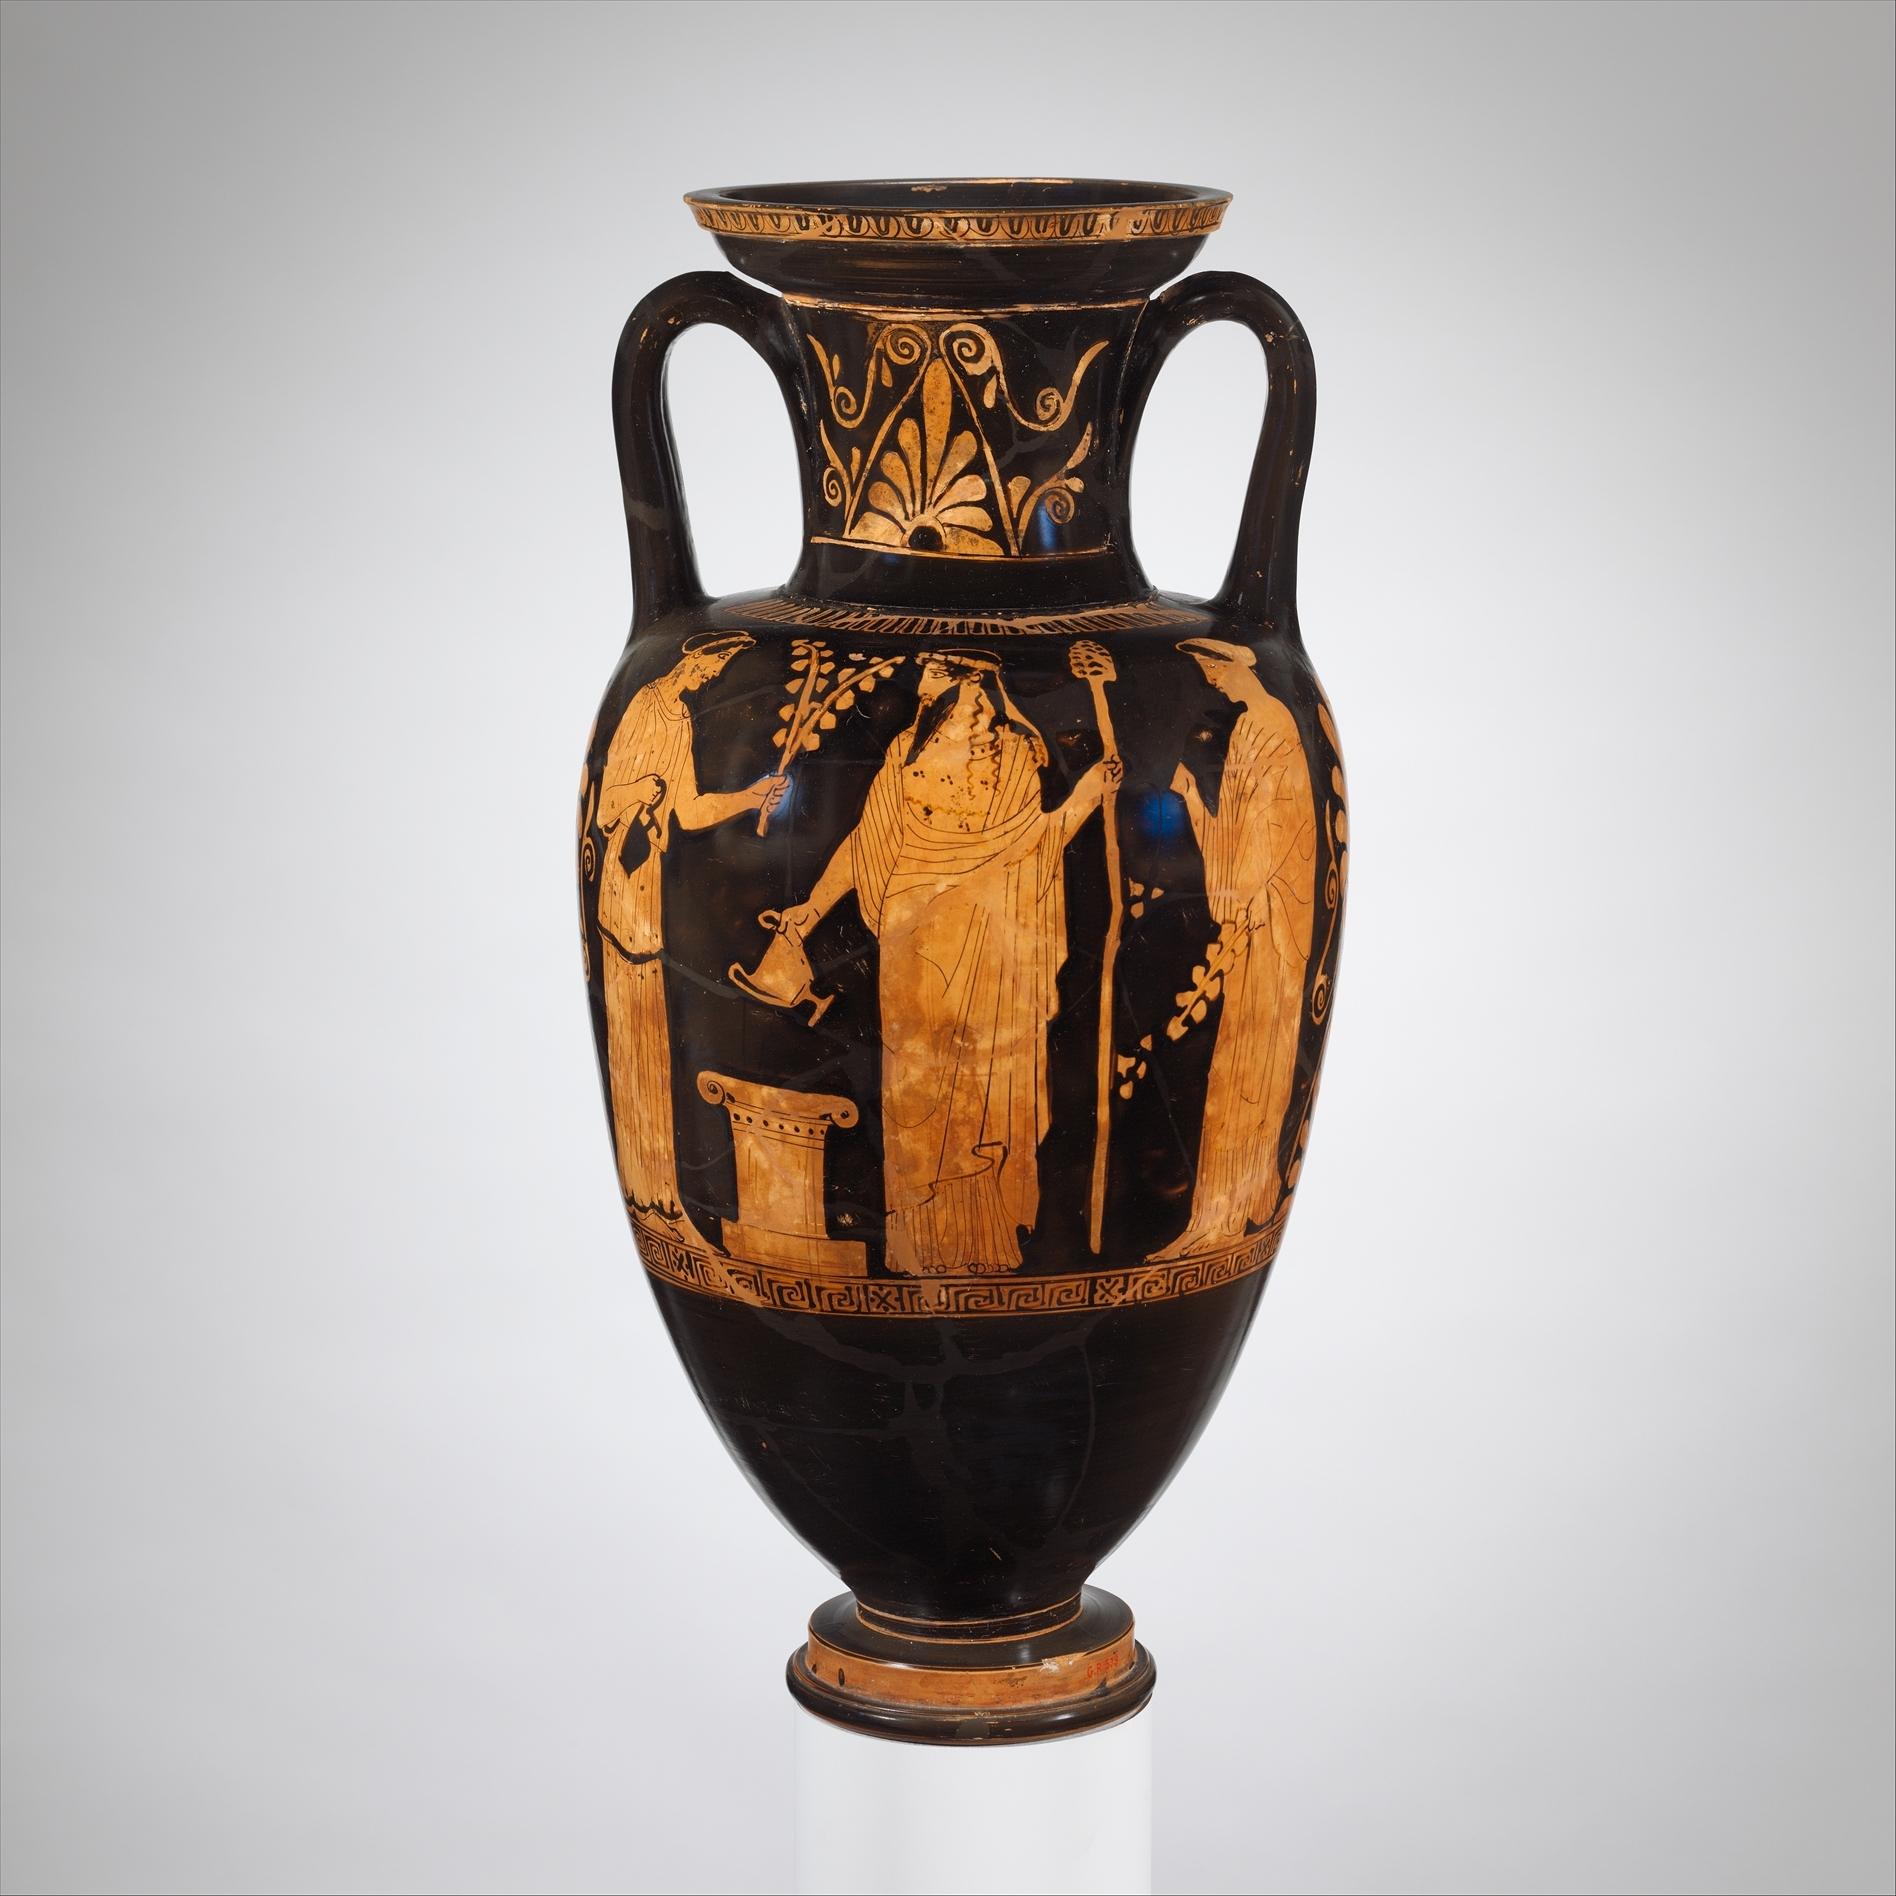 Сенца с аверса амфоры: Дионис и менады у алтаря; ок. 460 — 450 гг. до н. э. (Метрополитен-музей, Нью-Йорк)